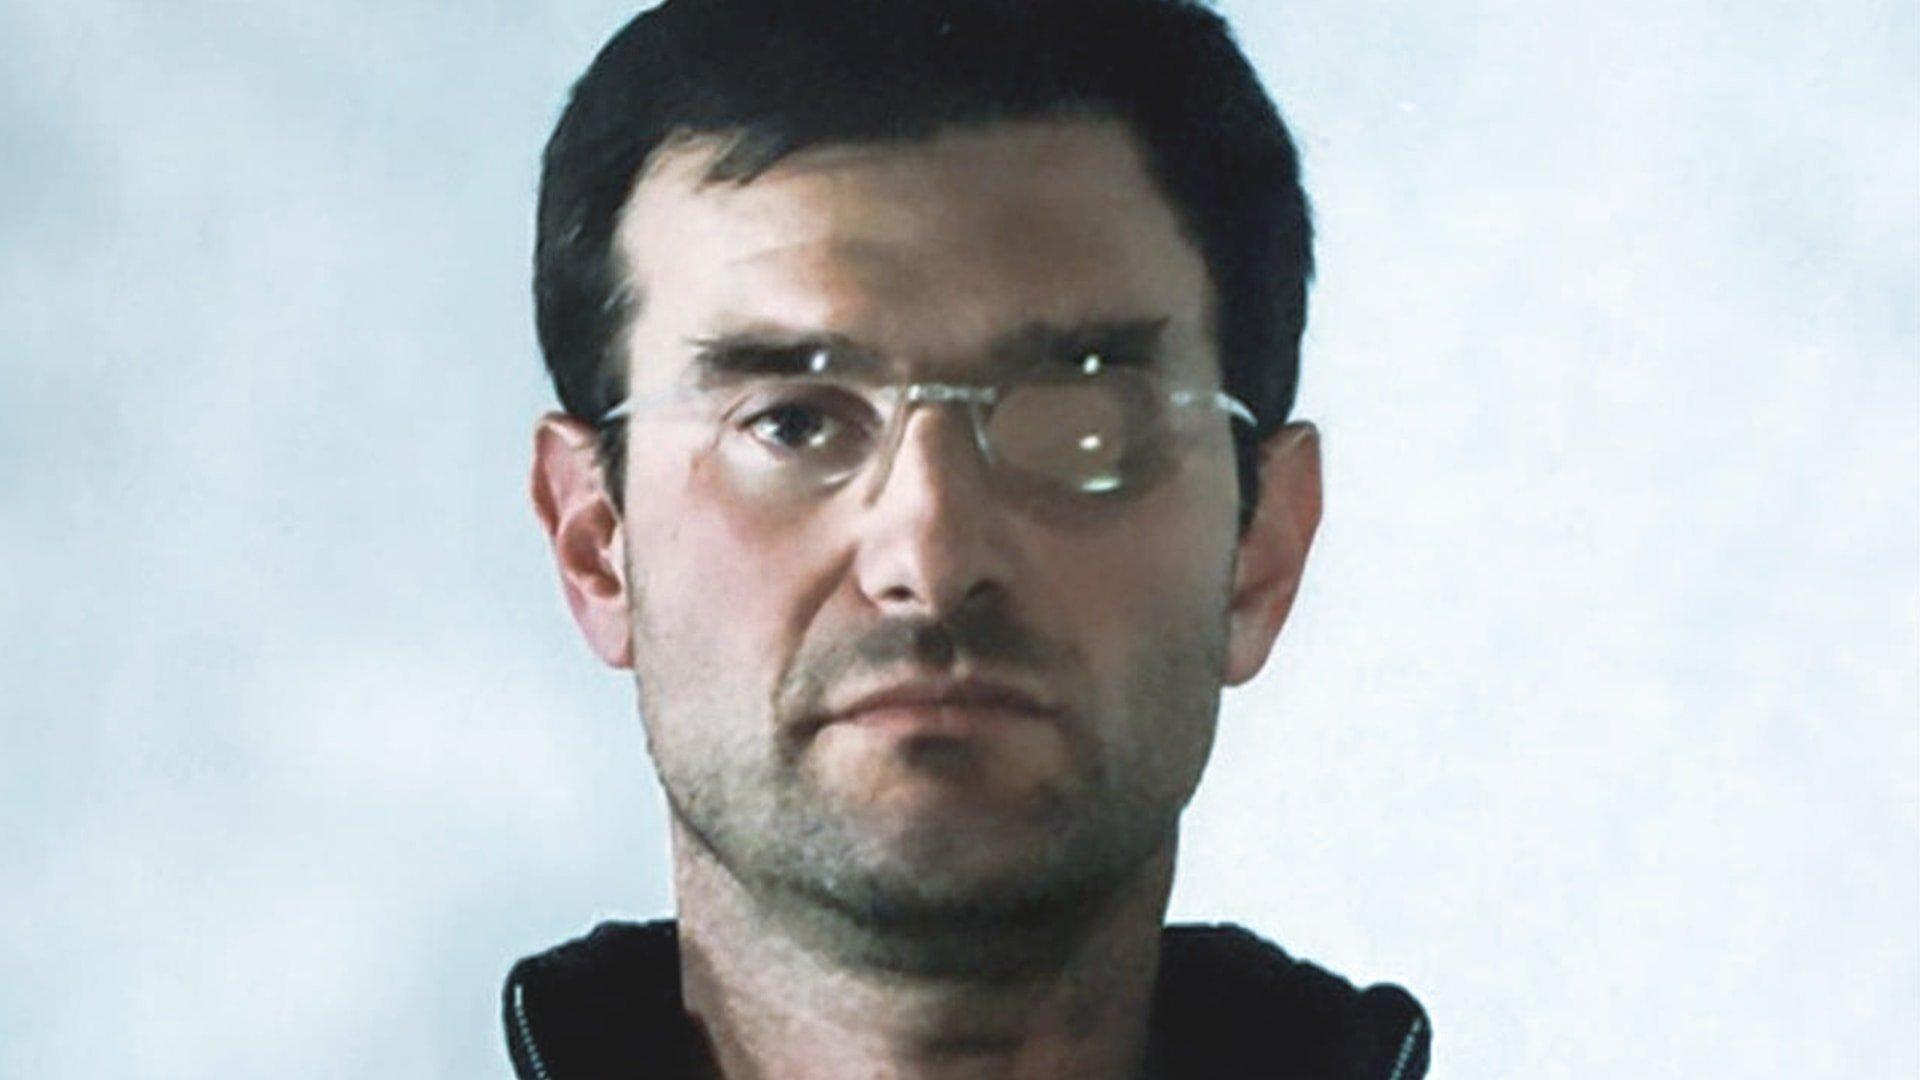 Massimo Carminati